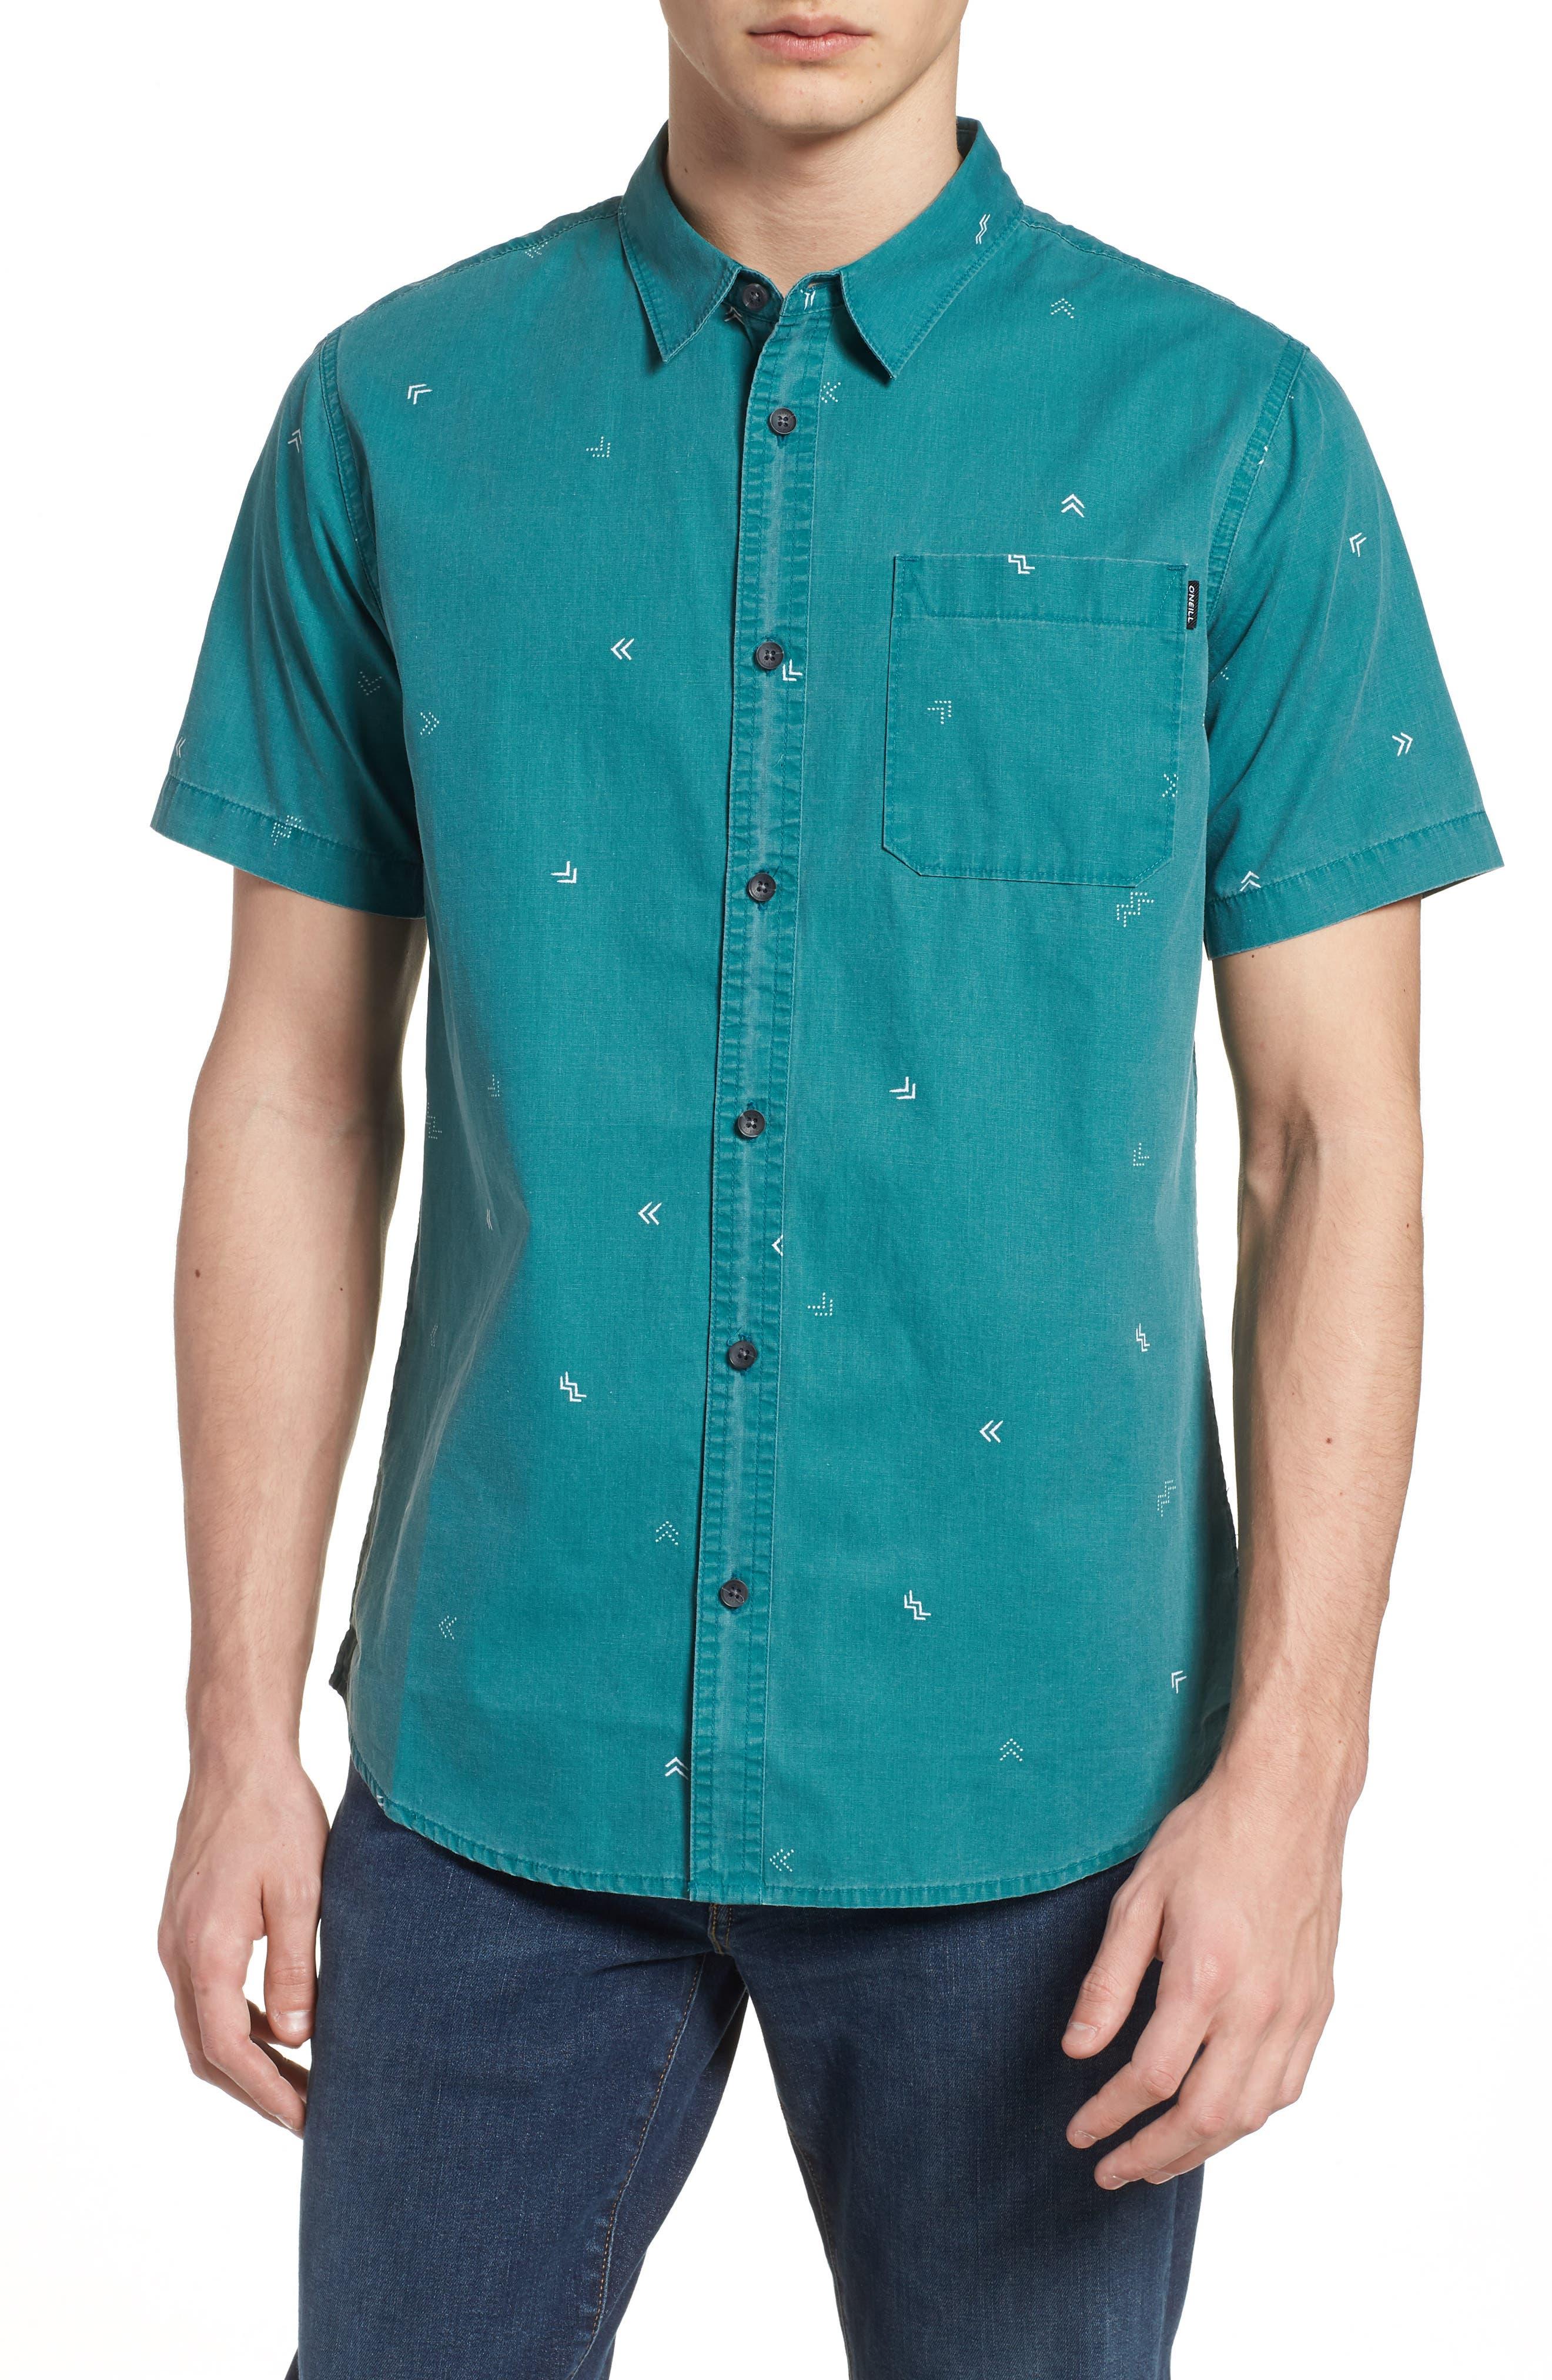 Kruger Woven Shirt,                             Main thumbnail 1, color,                             JADE